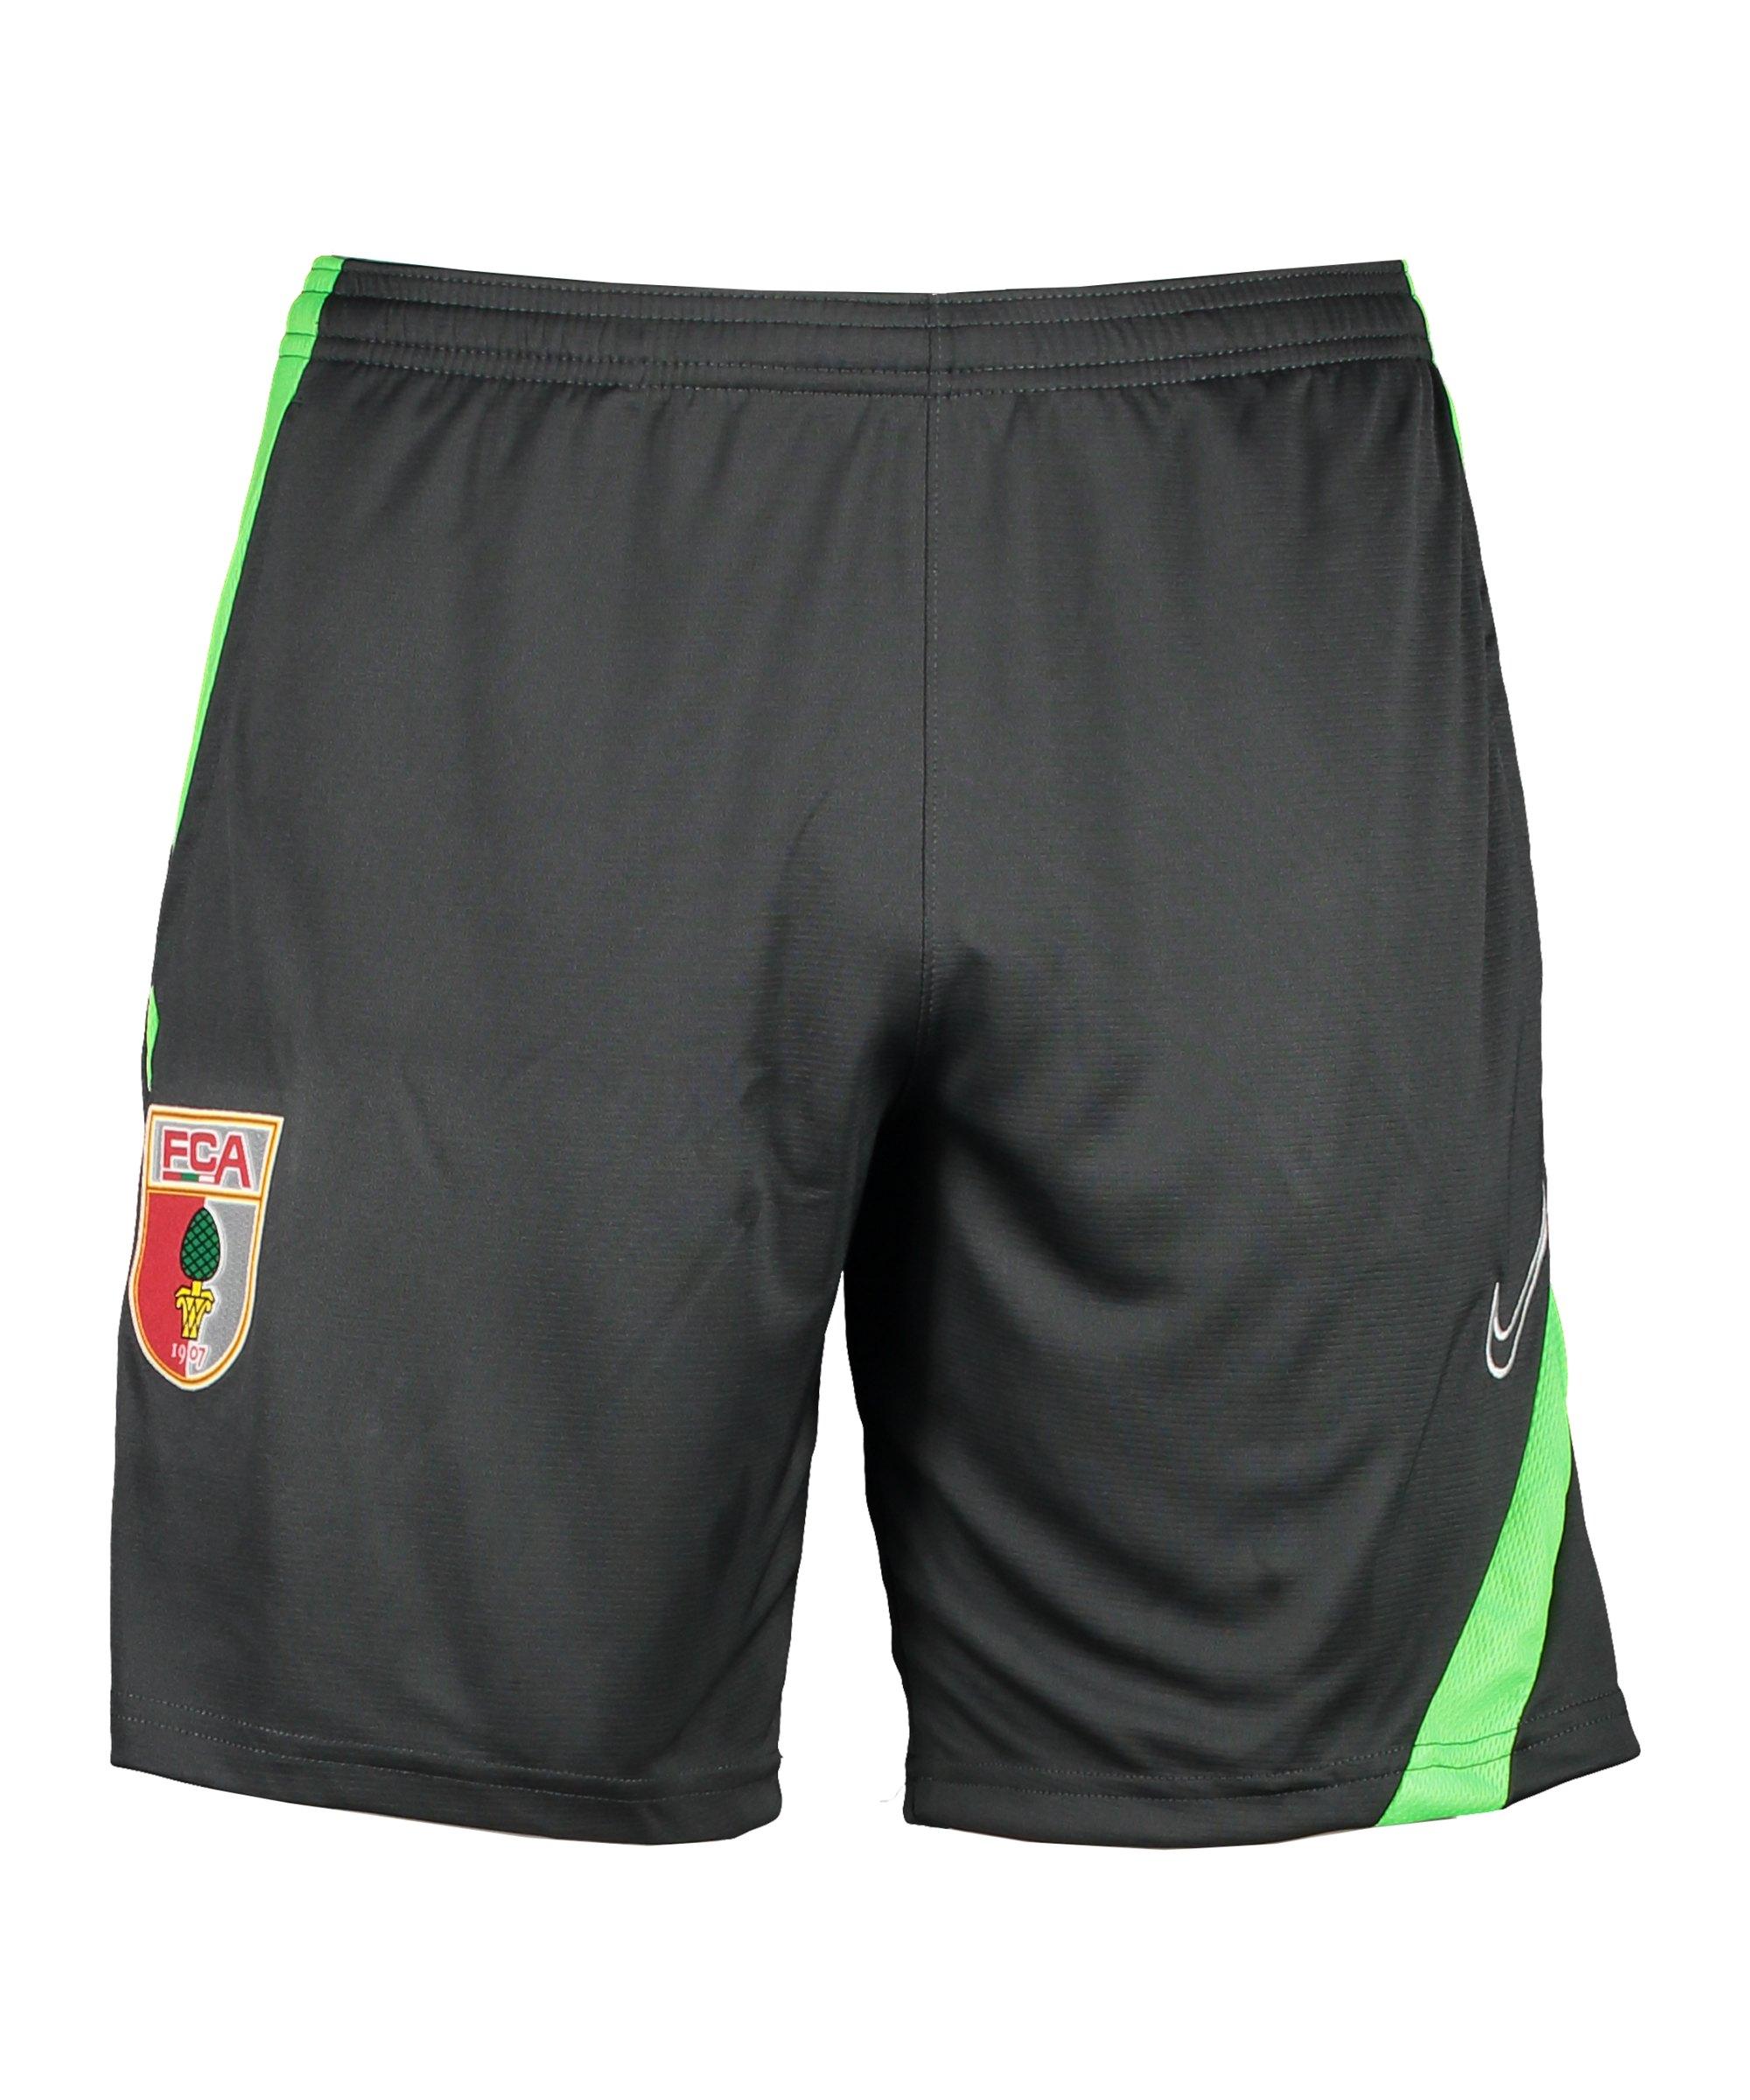 Nike FC Augsburg Trainingsshort Kids Grau F068 - grau